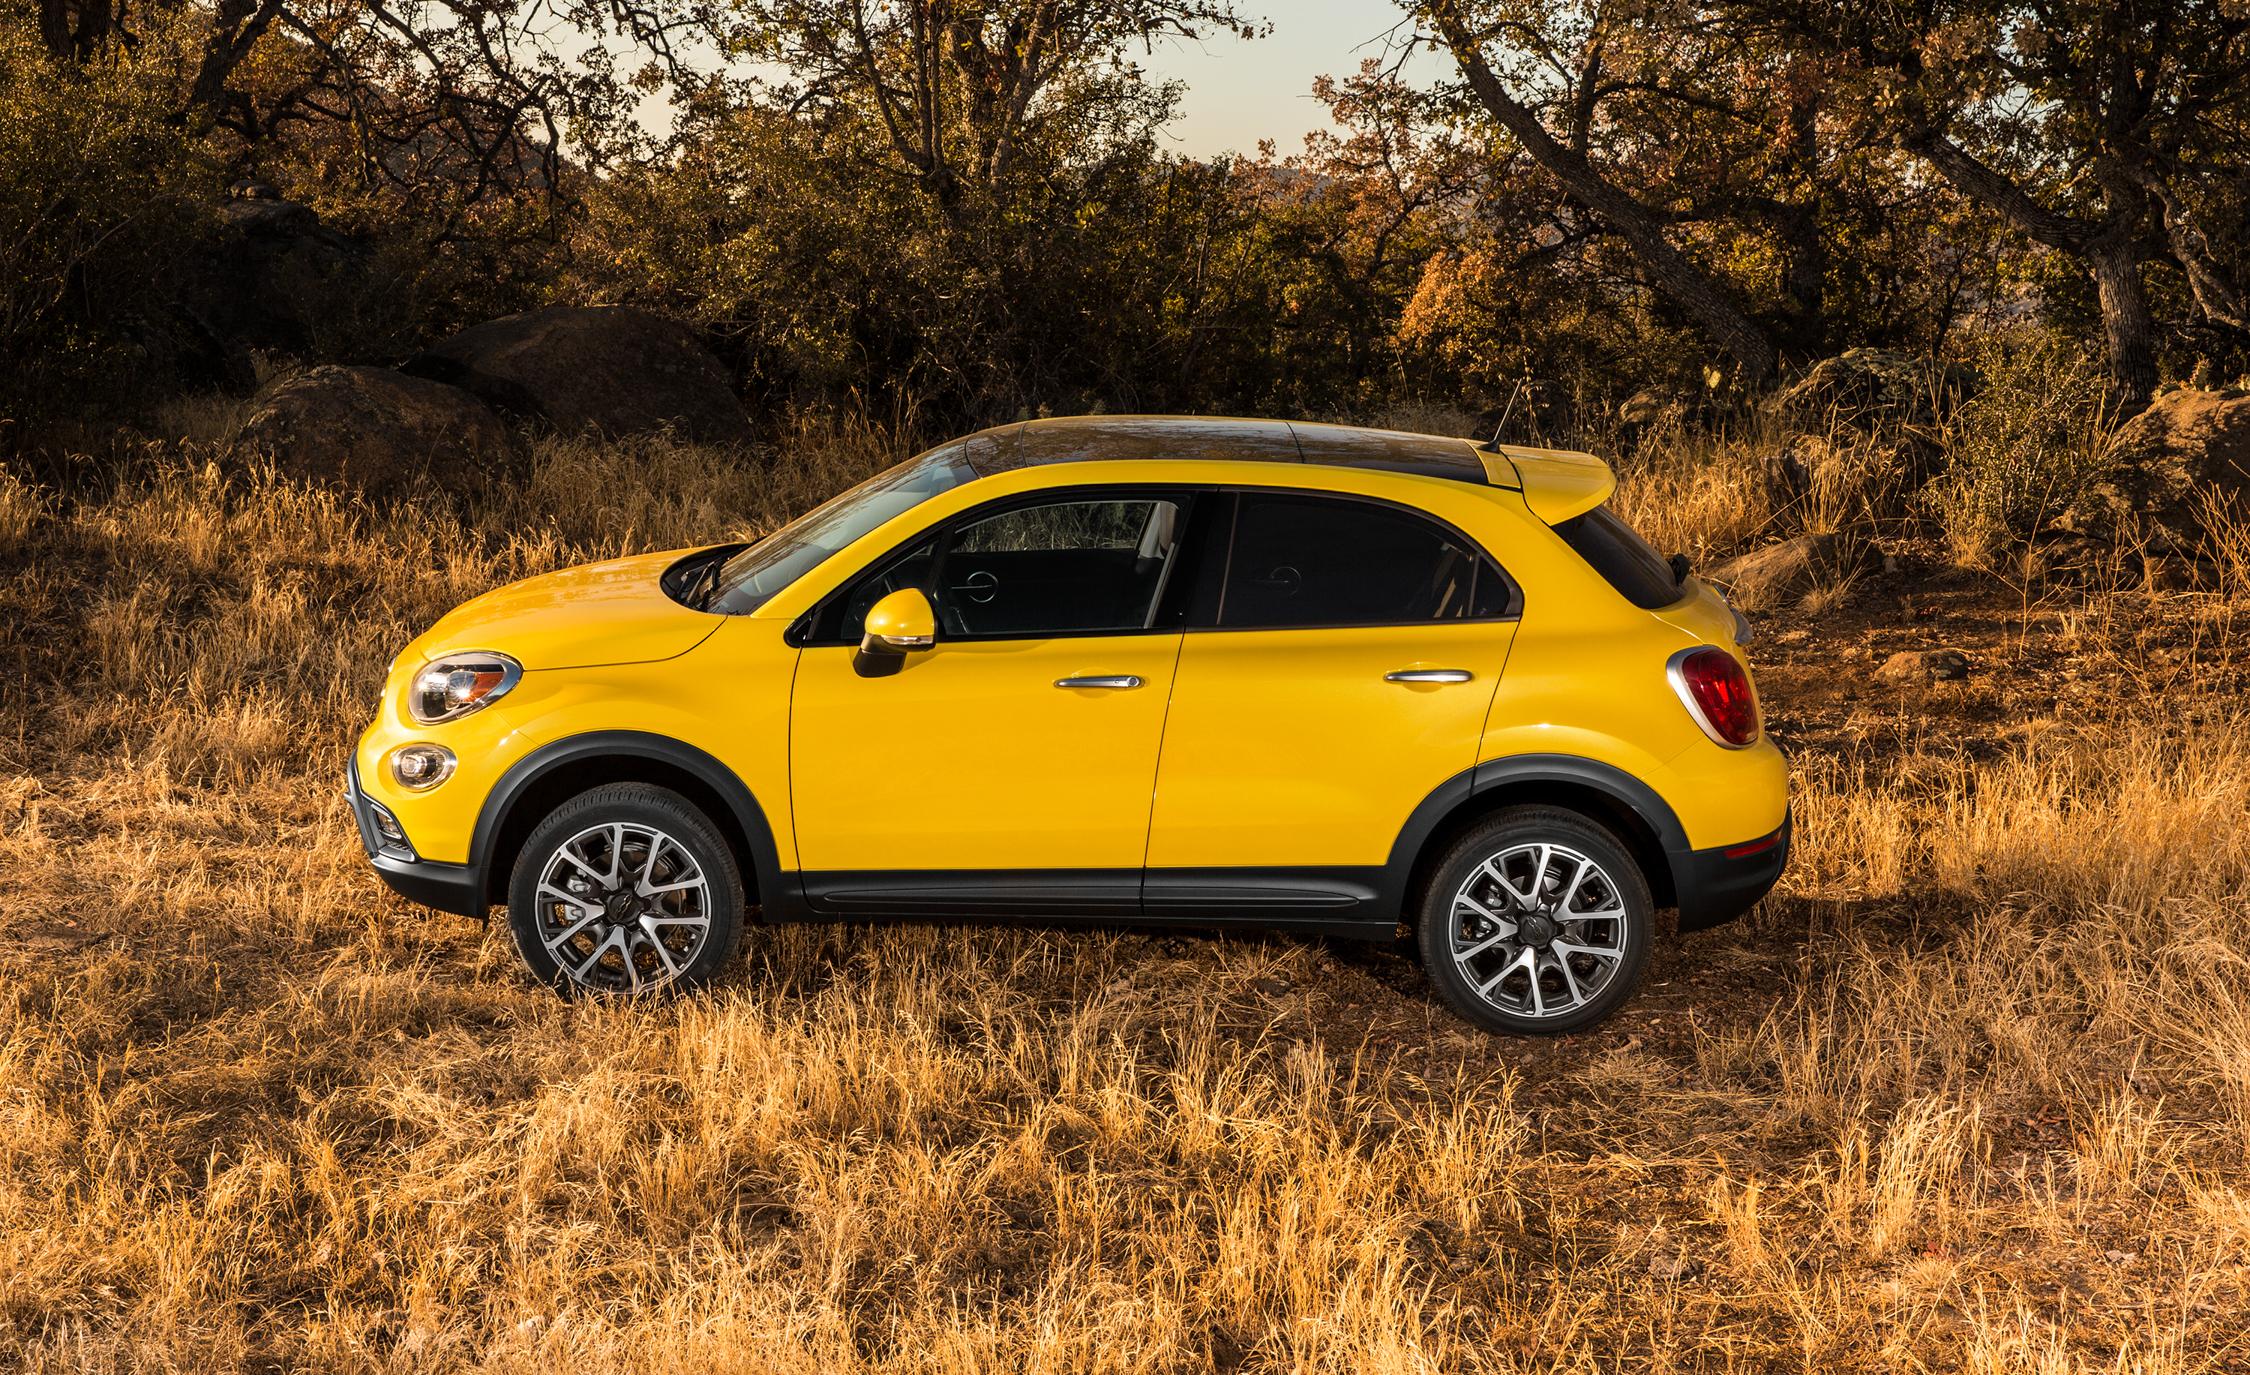 2016 Fiat 500X Trekking Plus - Yellow